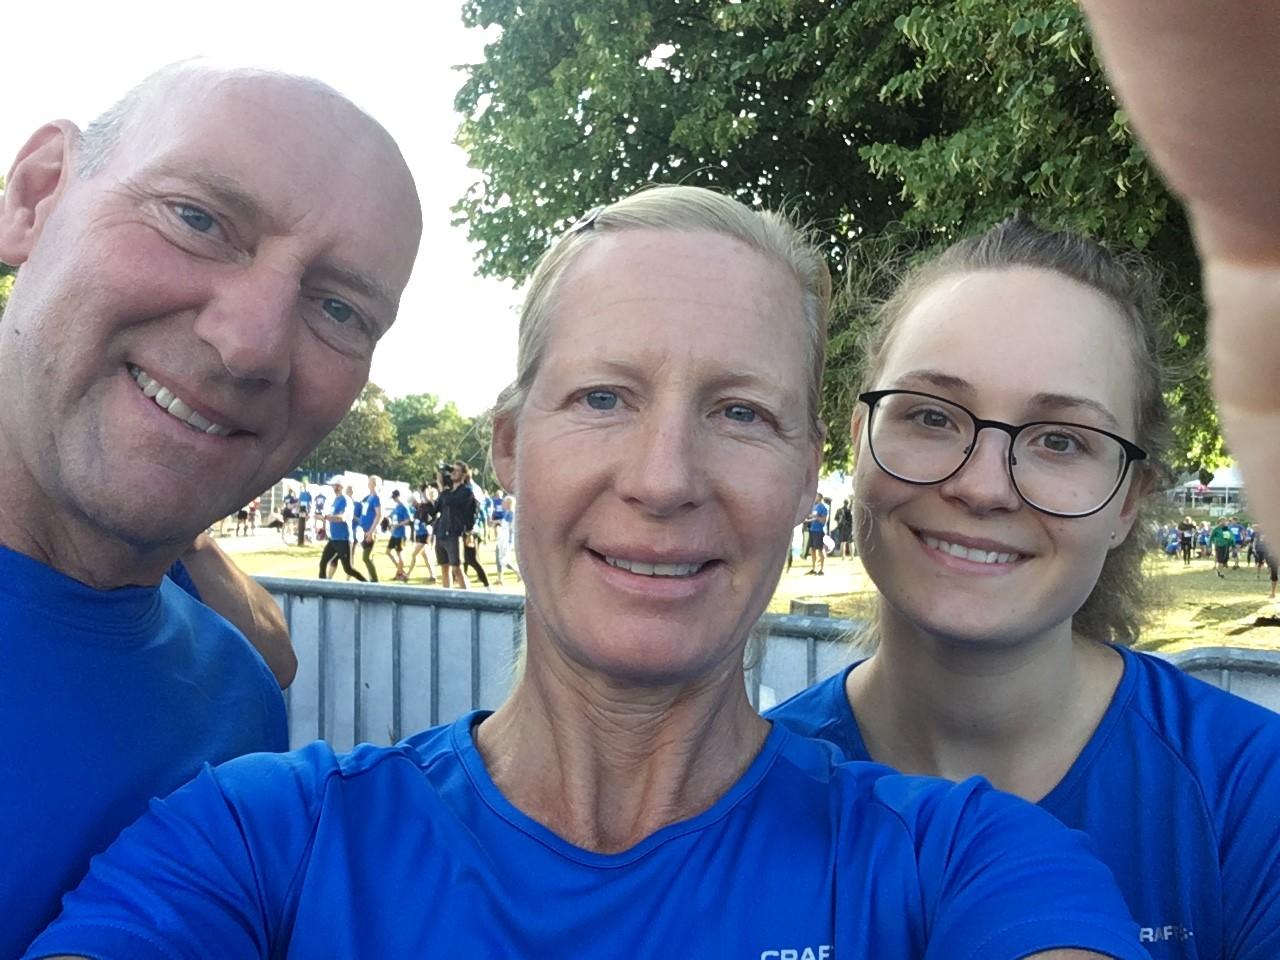 Mads, Lotta och Susanna är redo för Sthlm Urban Trail!